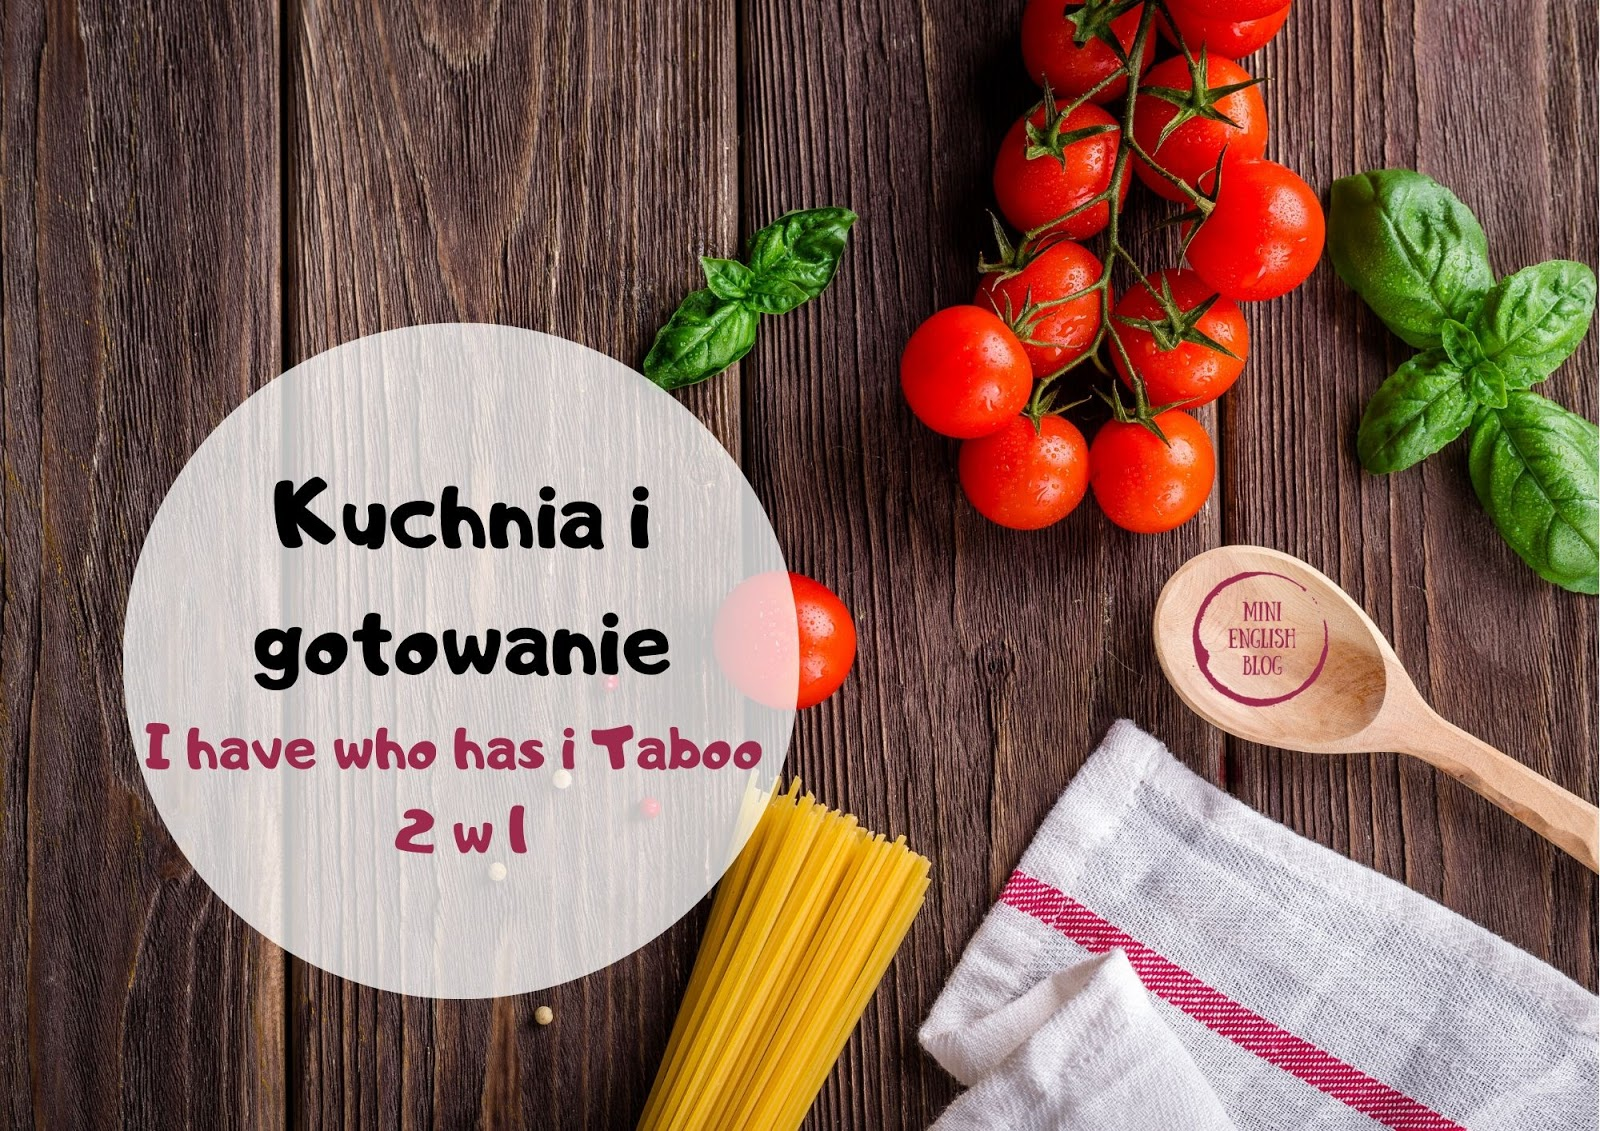 I have who has i Taboo 2w1. Wyposażenie kuchni i gotowanie